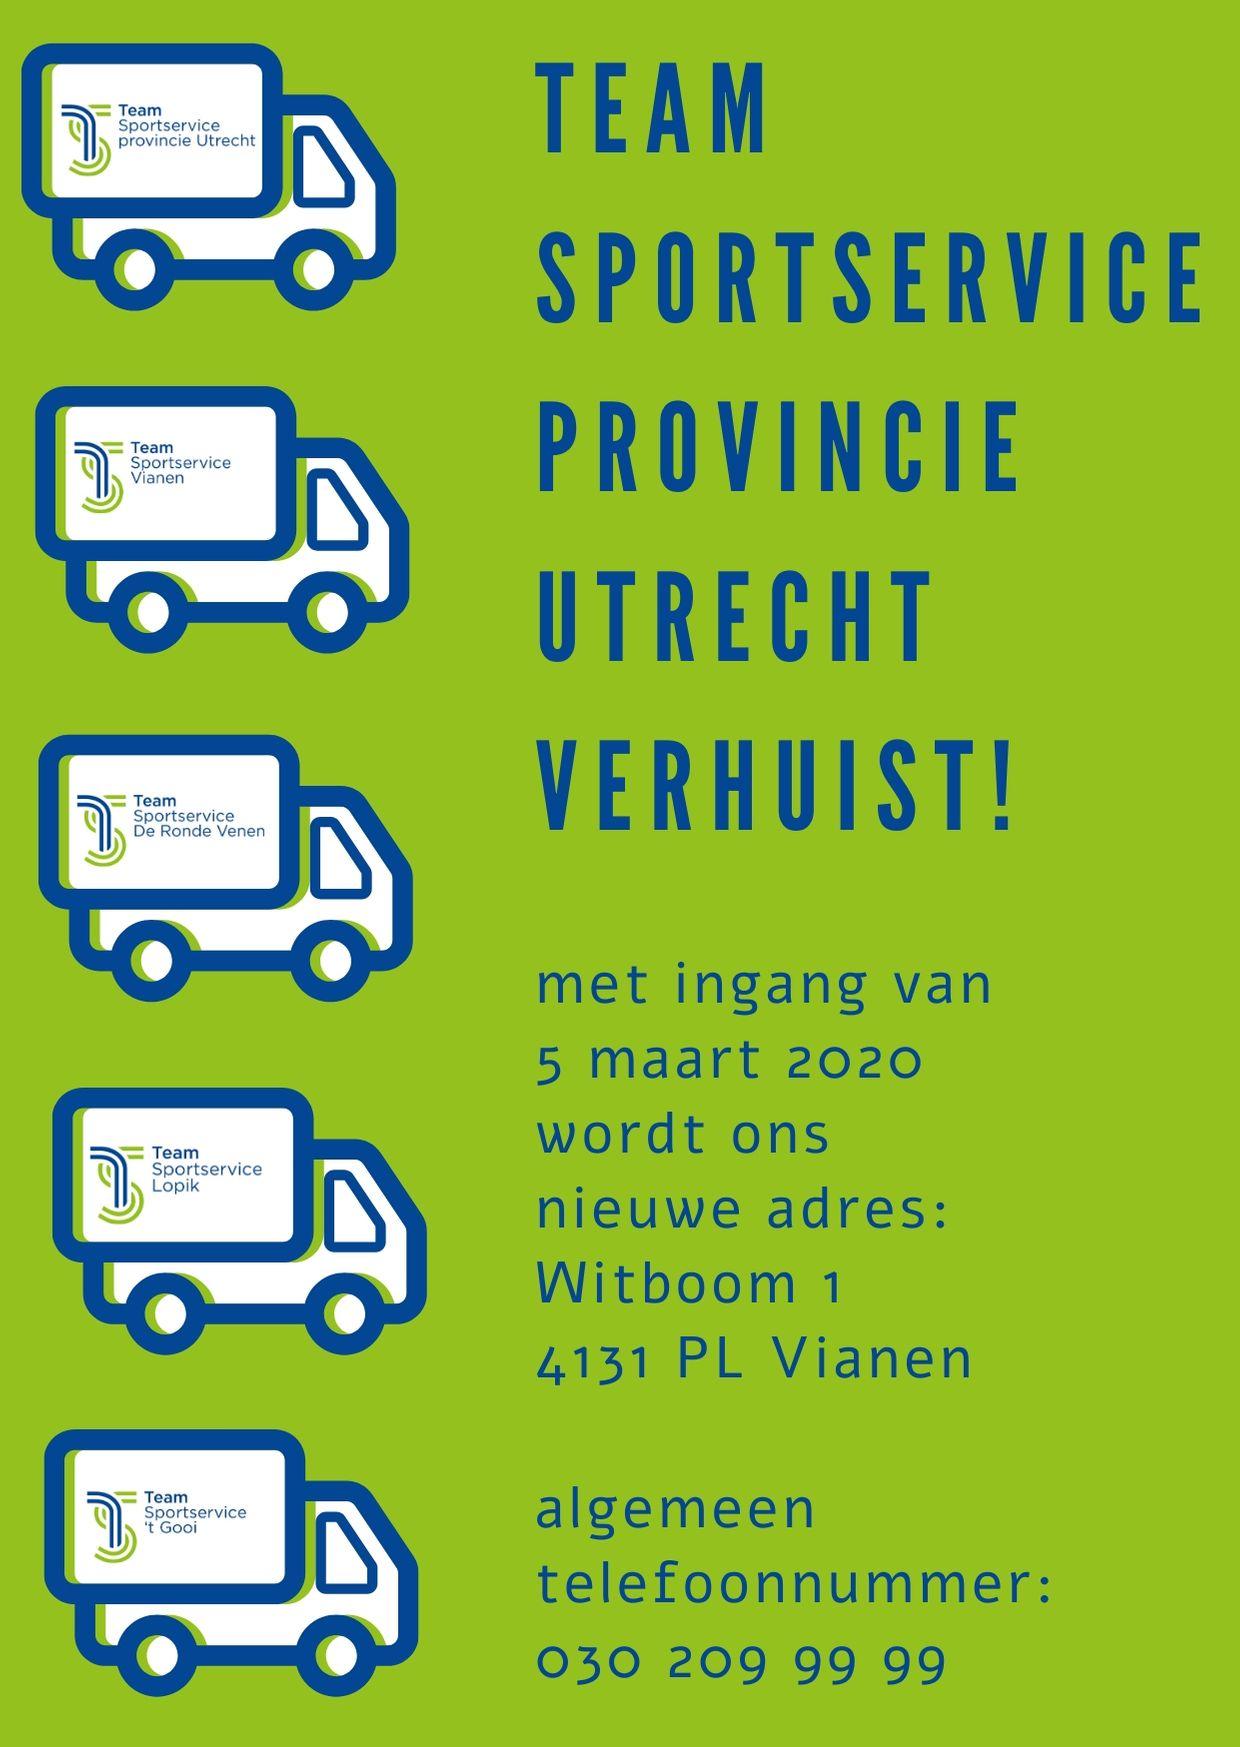 Team Sportservice provinvie Utrecht verhuist